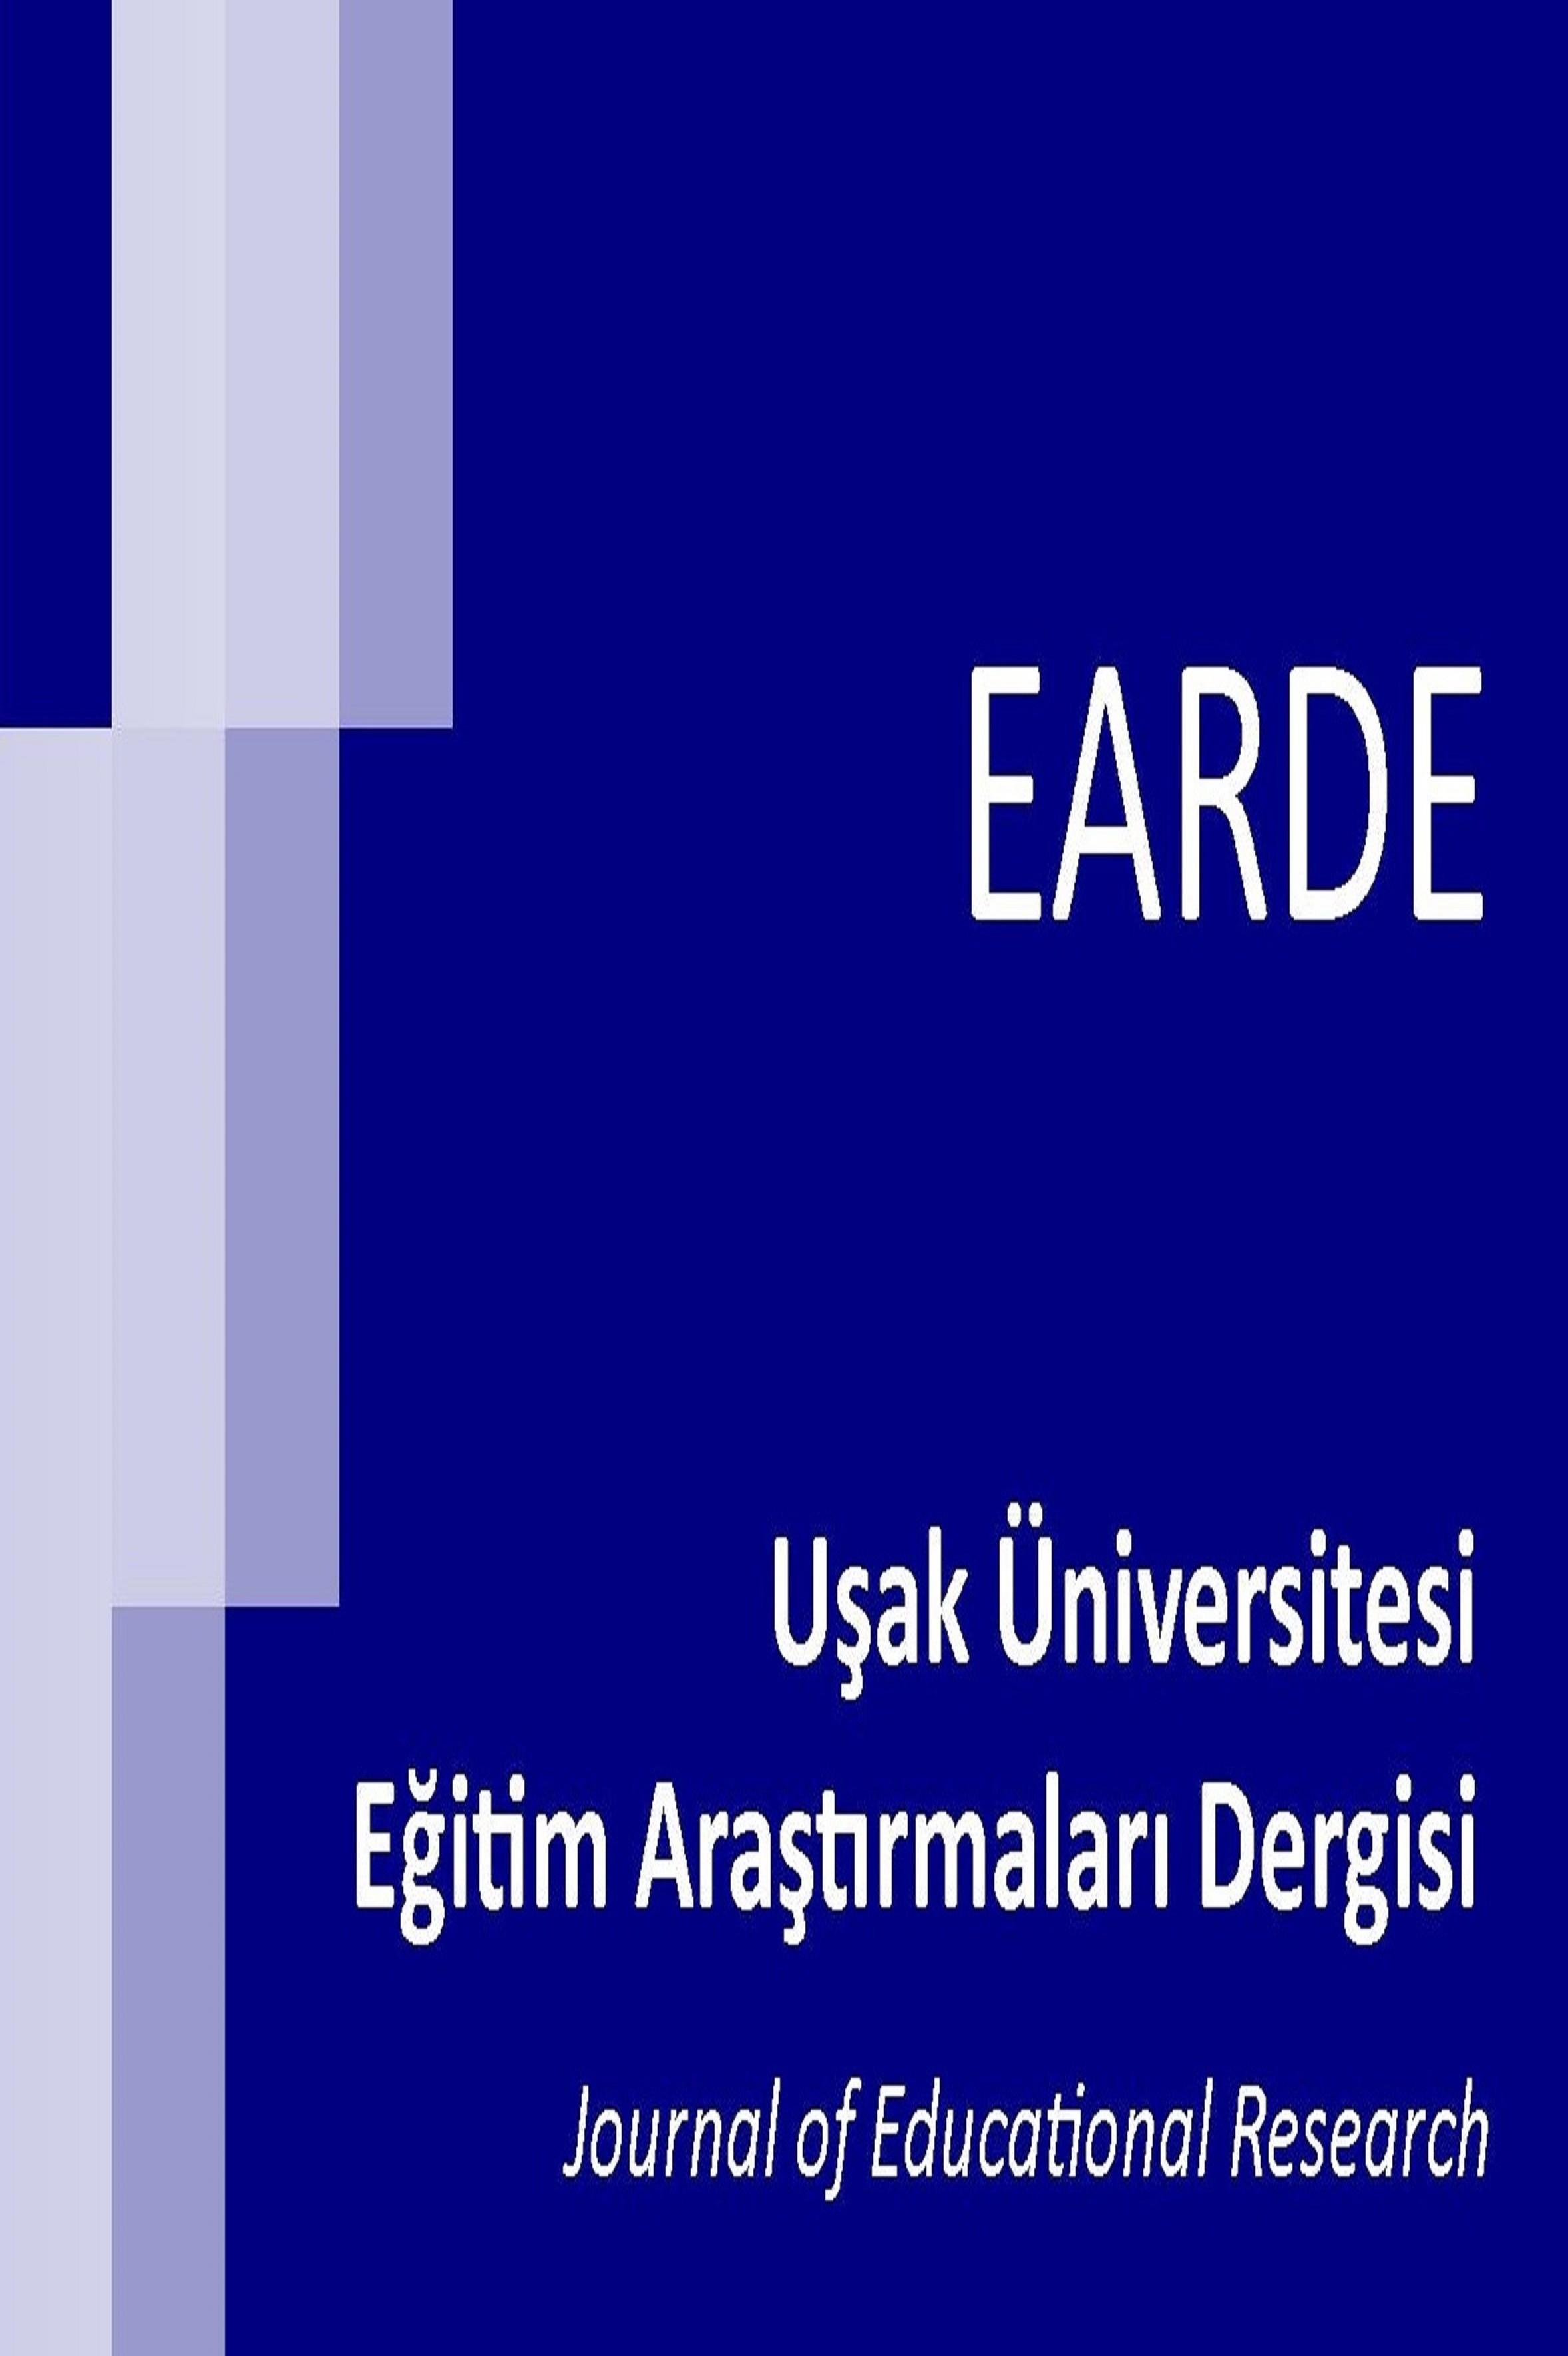 Uşak Üniversitesi Eğitim Araştırmaları Dergisi